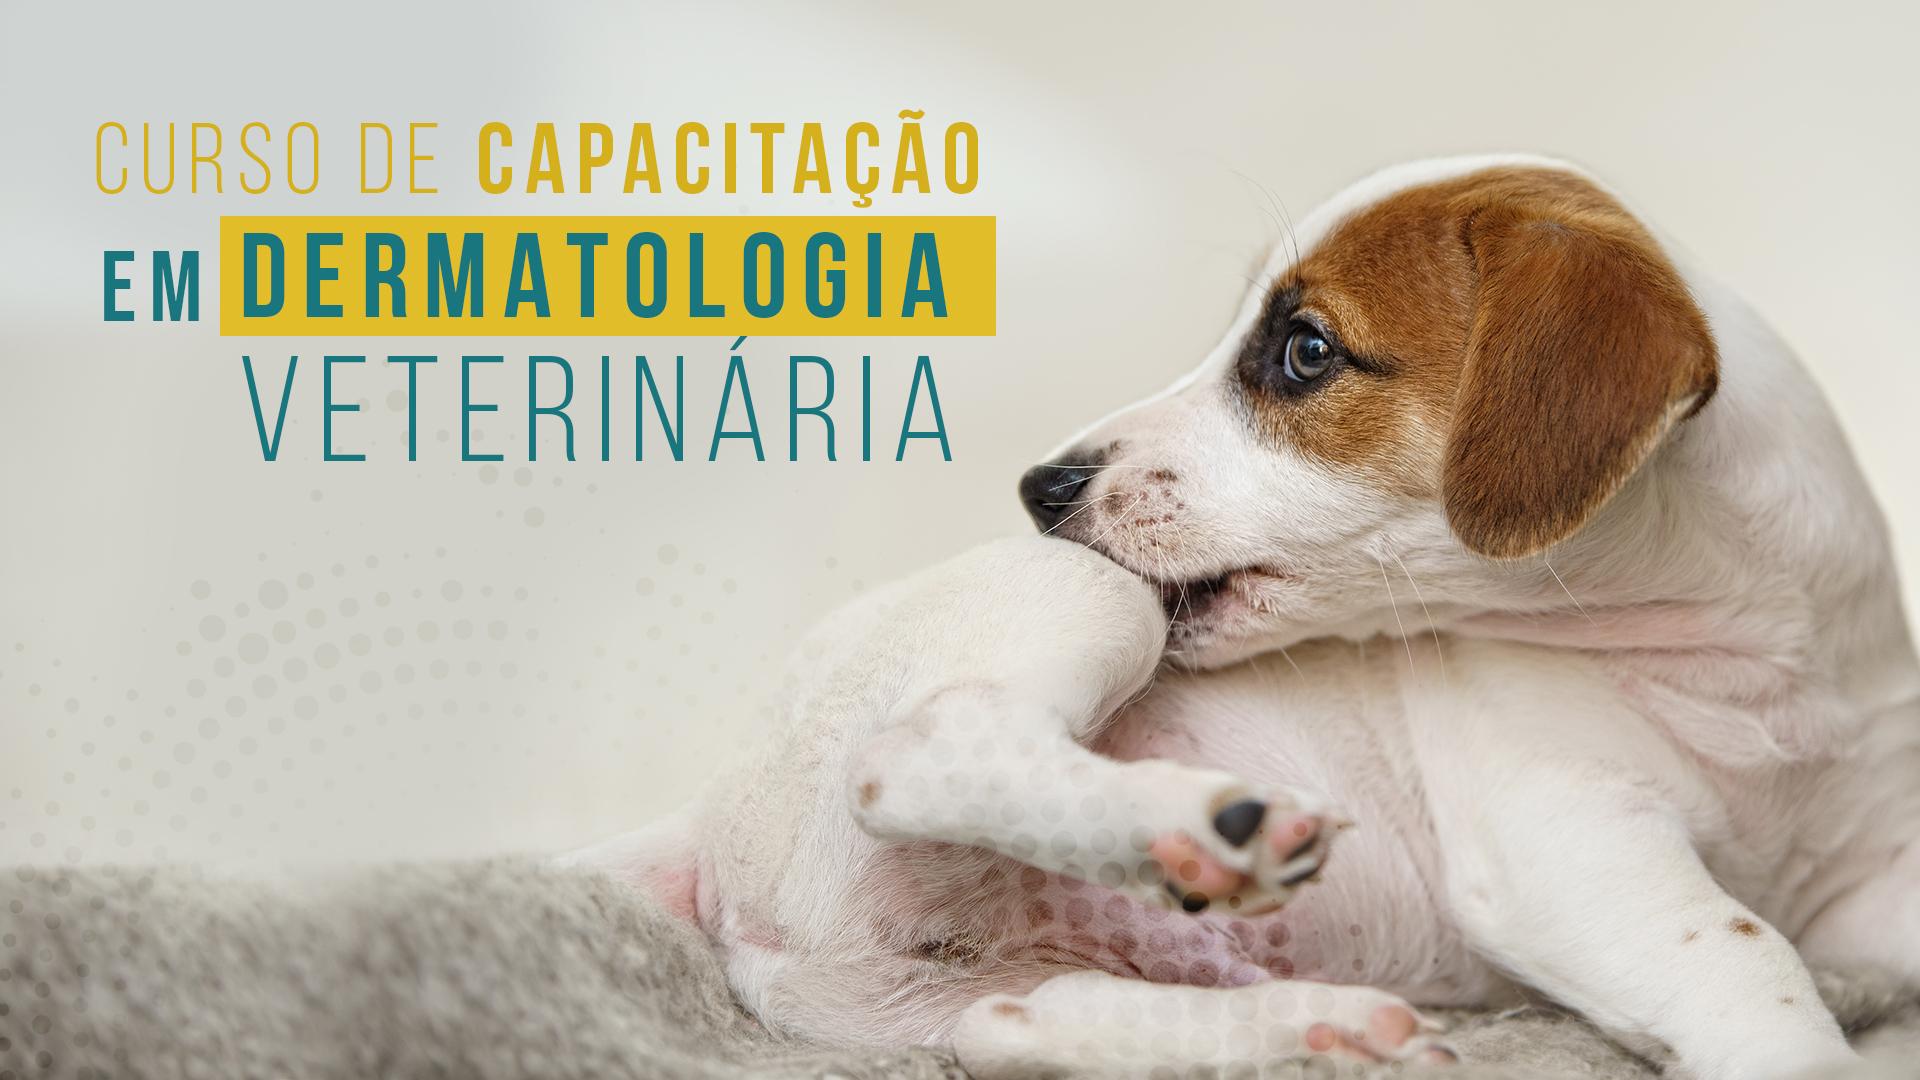 Curso de Capacitação em Dermatologia Veterinária